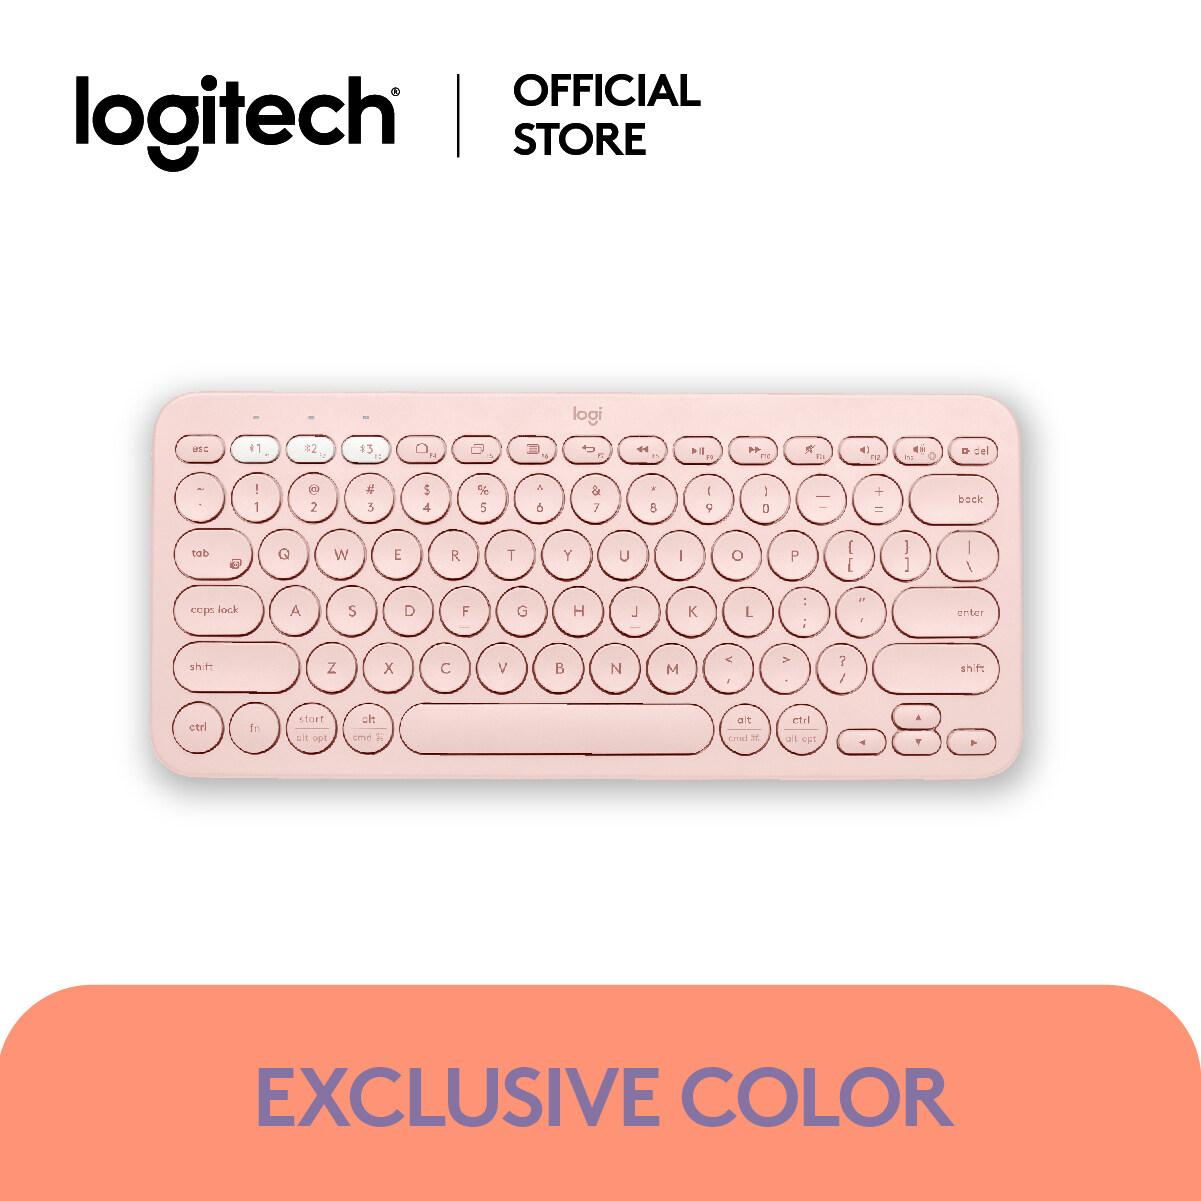 Logitech K380 Multi-Device Bluetooth® Keyboard Eng Only ฟรี!! สติ้กเกอร์คีย์บอร์ดภาษาไทยสำหรับ K380 ( แป้นพิมพ์ คีย์บอร์ด ).